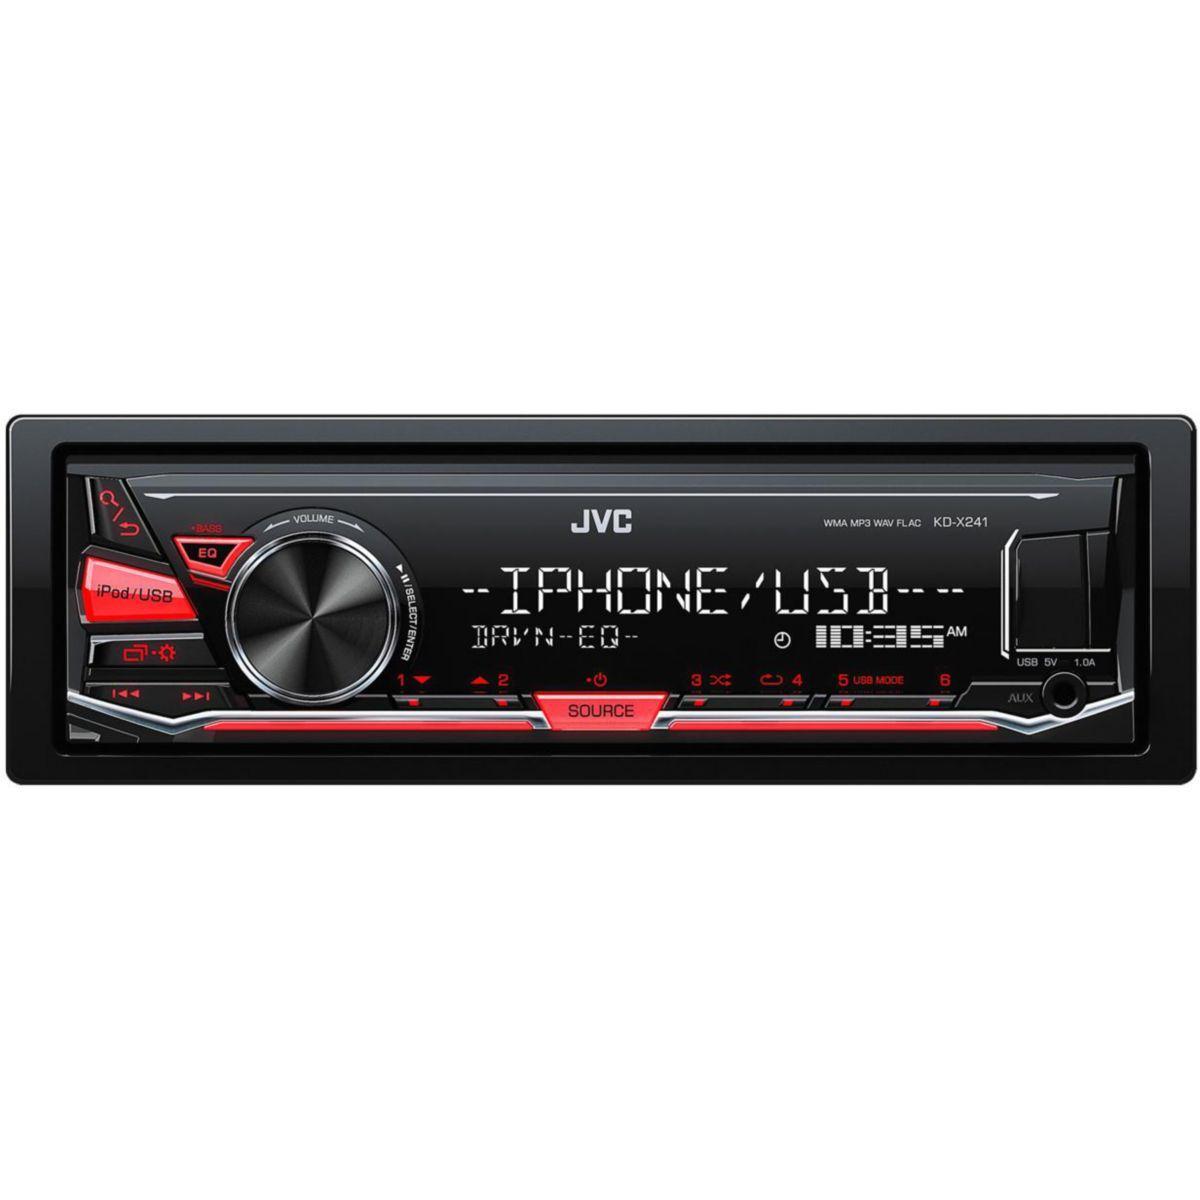 Autoradio mp3 jvc kd-x241 - 2% de remise imm?diate avec le cod...